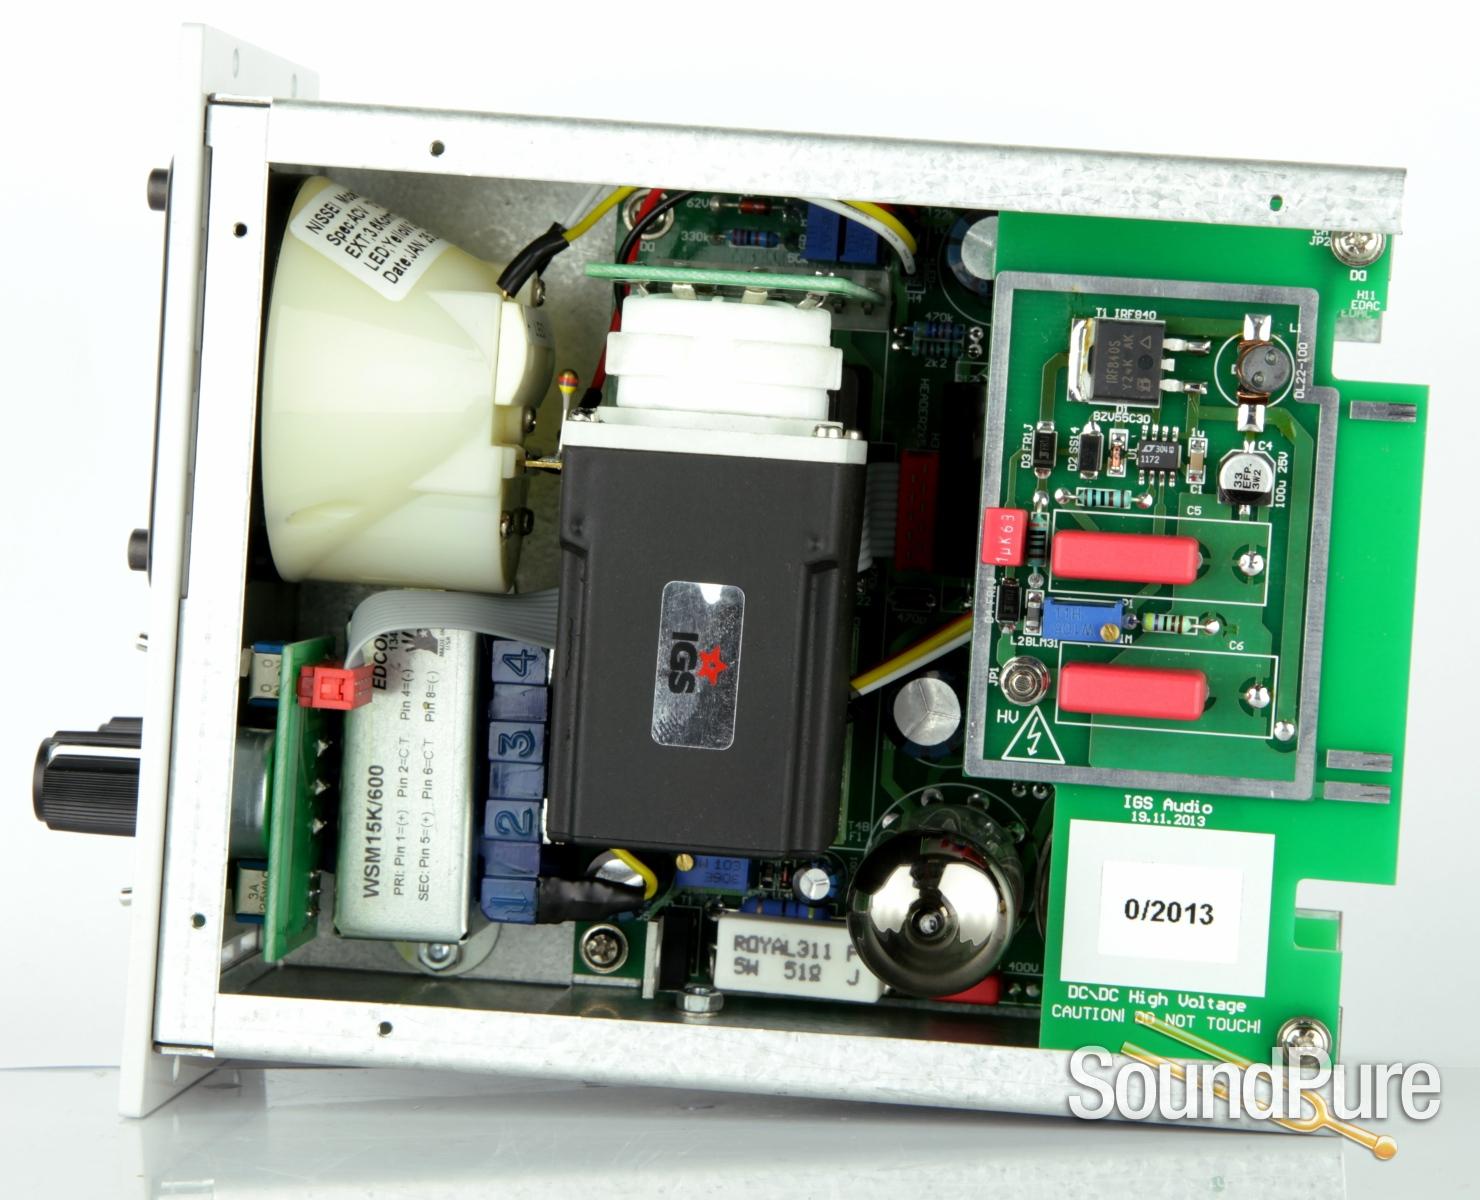 igs audio one la 500 series tube opto compressor demo open box. Black Bedroom Furniture Sets. Home Design Ideas